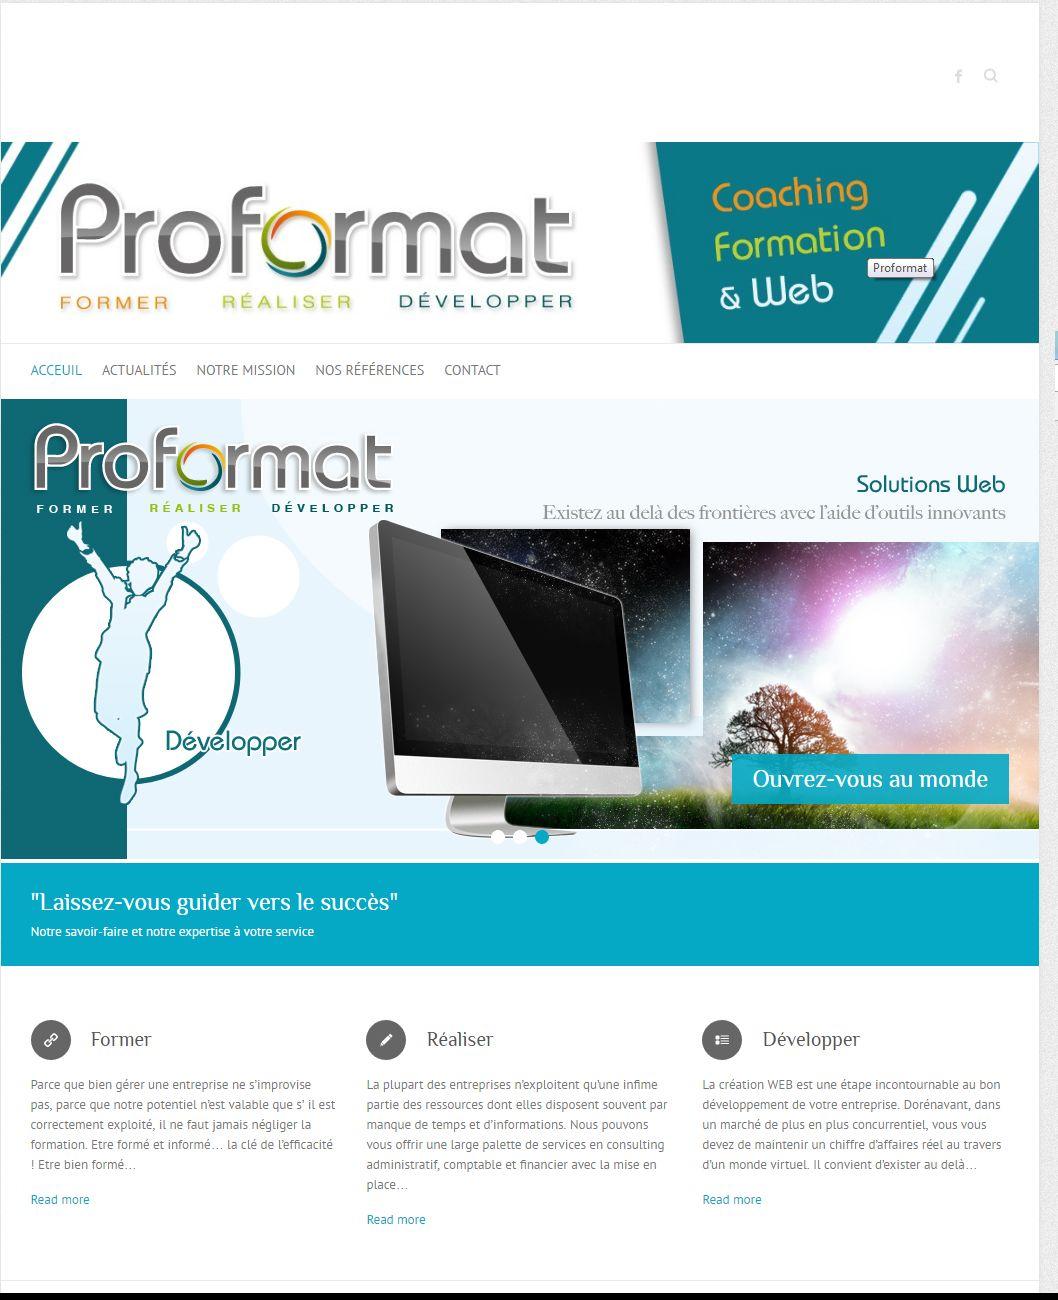 Création de sites web, Coaching, Formation